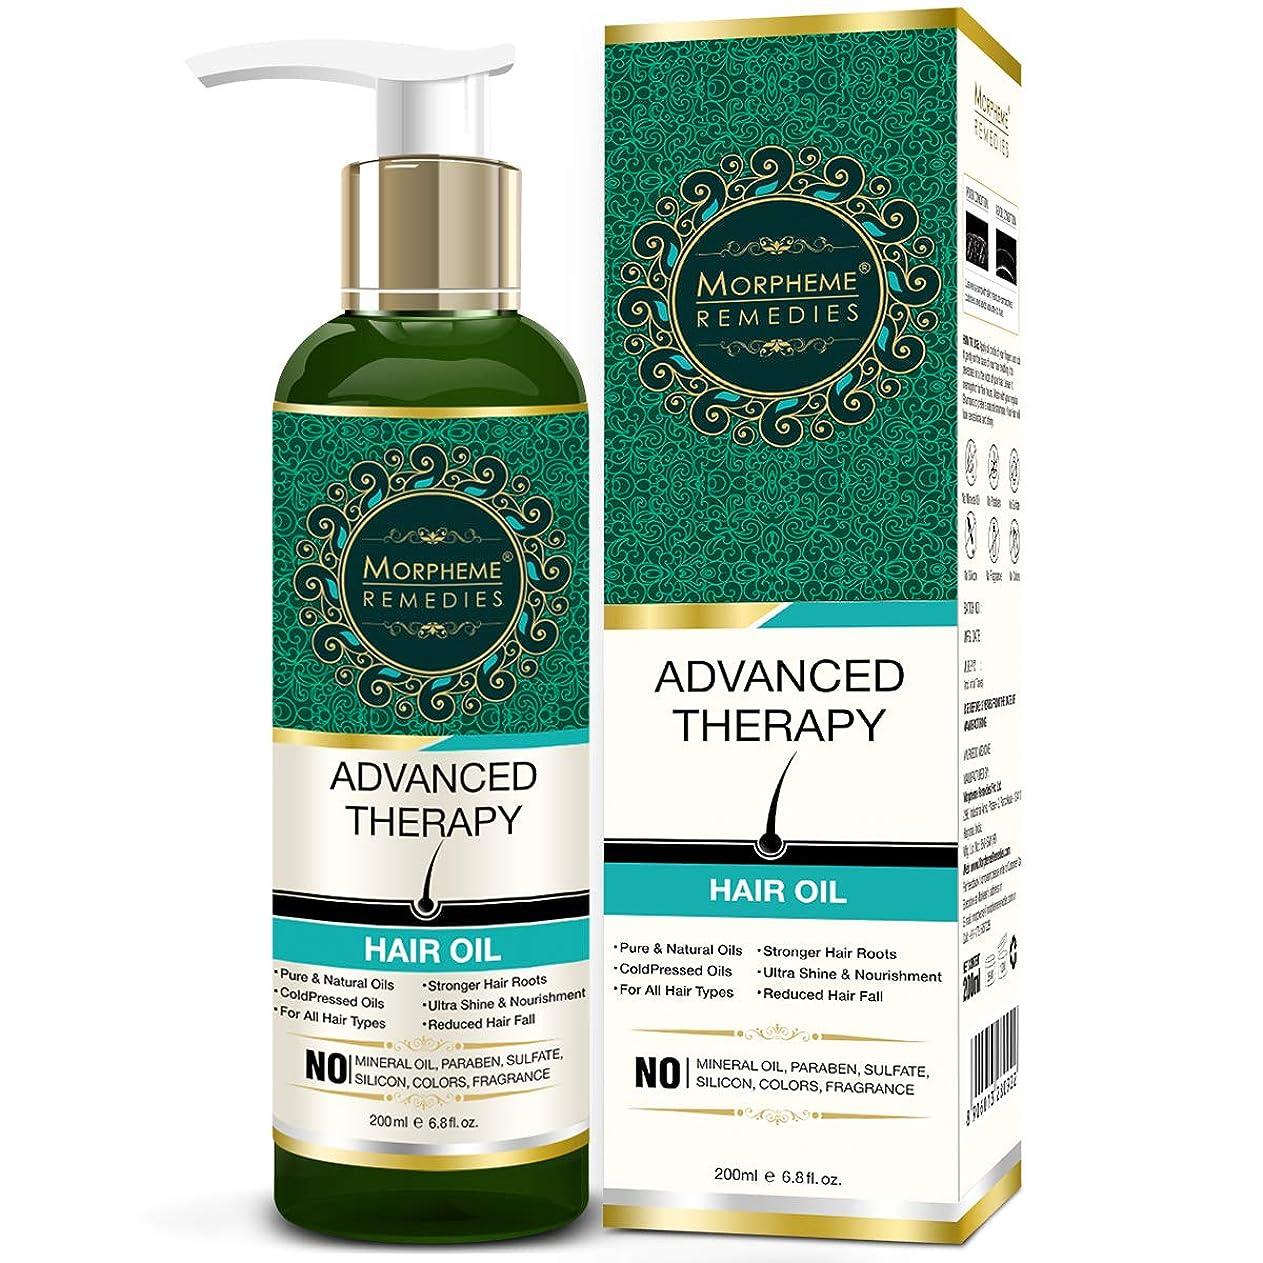 効果的にバーガー人質Morpheme Remedies Advanced Therapy Hair Oil – 200ml (Anti Hair Fall, Hair Loss & Hair Repair)